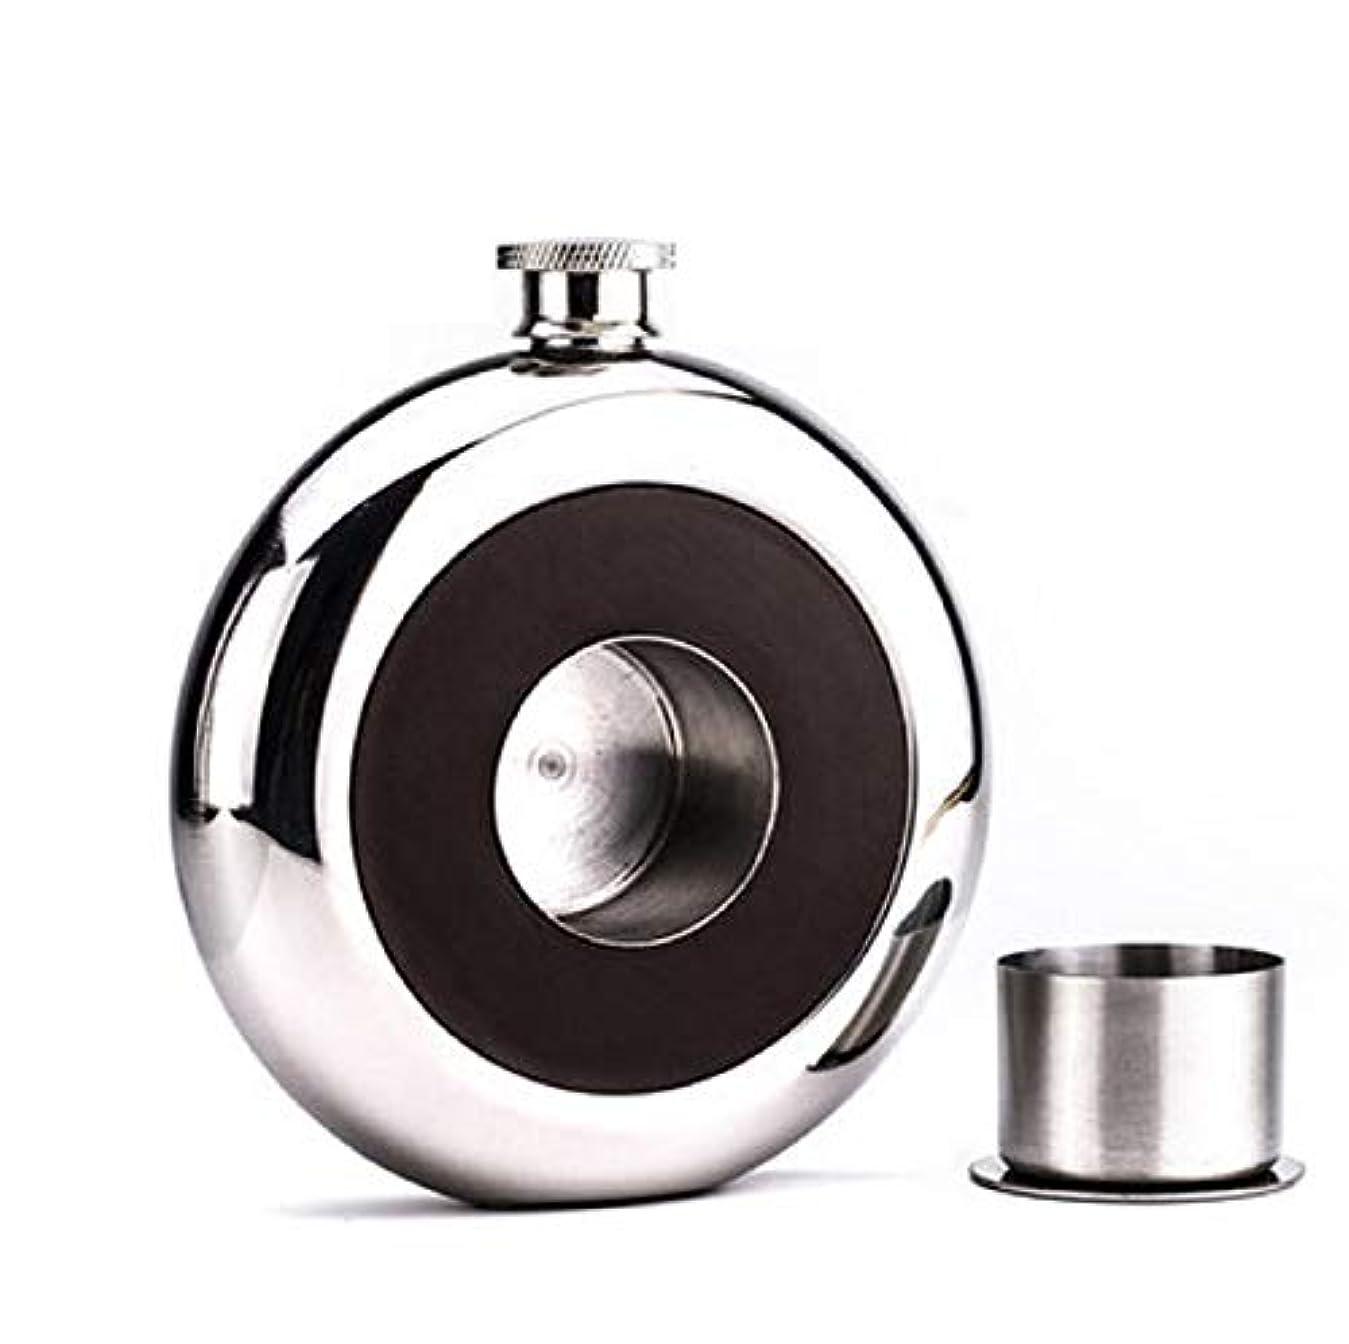 防腐剤可動辛なCCCP スキットル 5oz ウイスキー携帯ボトル ヒップフラスコセット 丸型インラインカップ